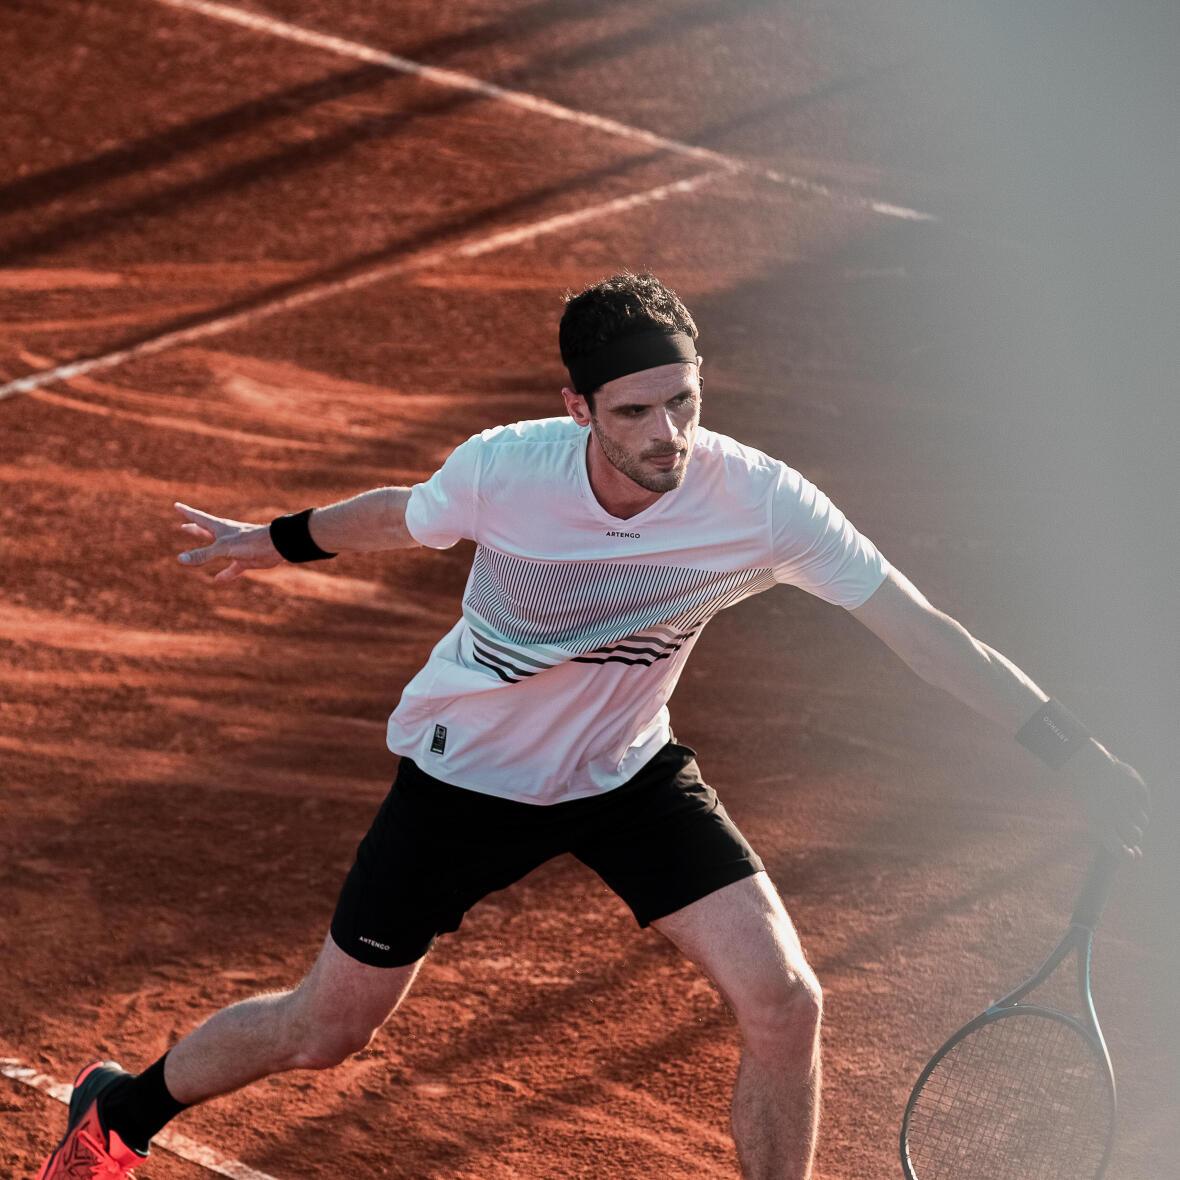 Exercices Tennis : 2 exercices pour bien jouer sur Terre Battue